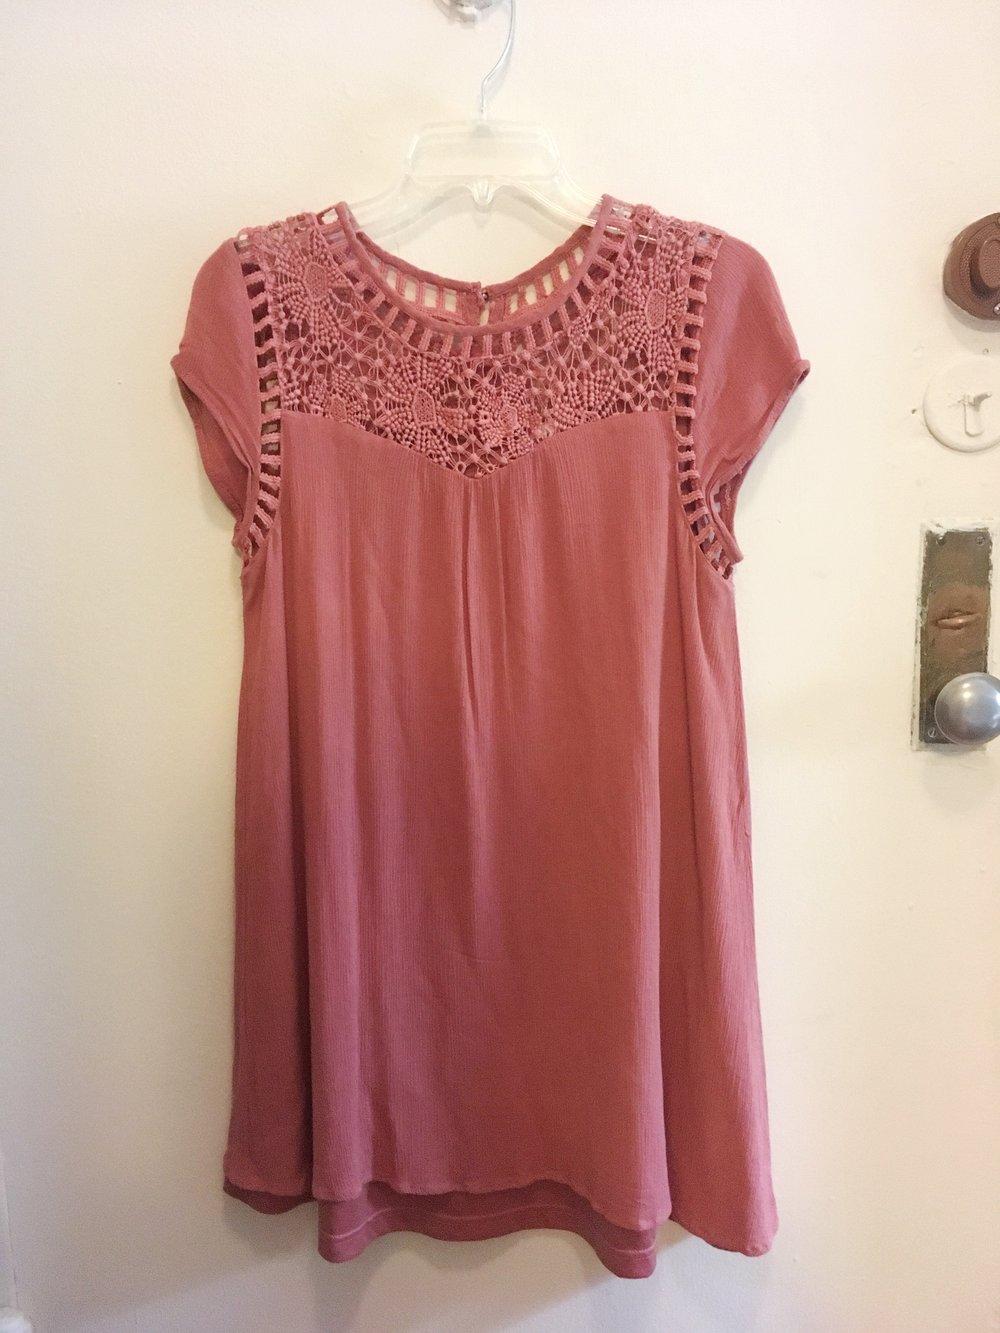 Lace Pink Dress, $15